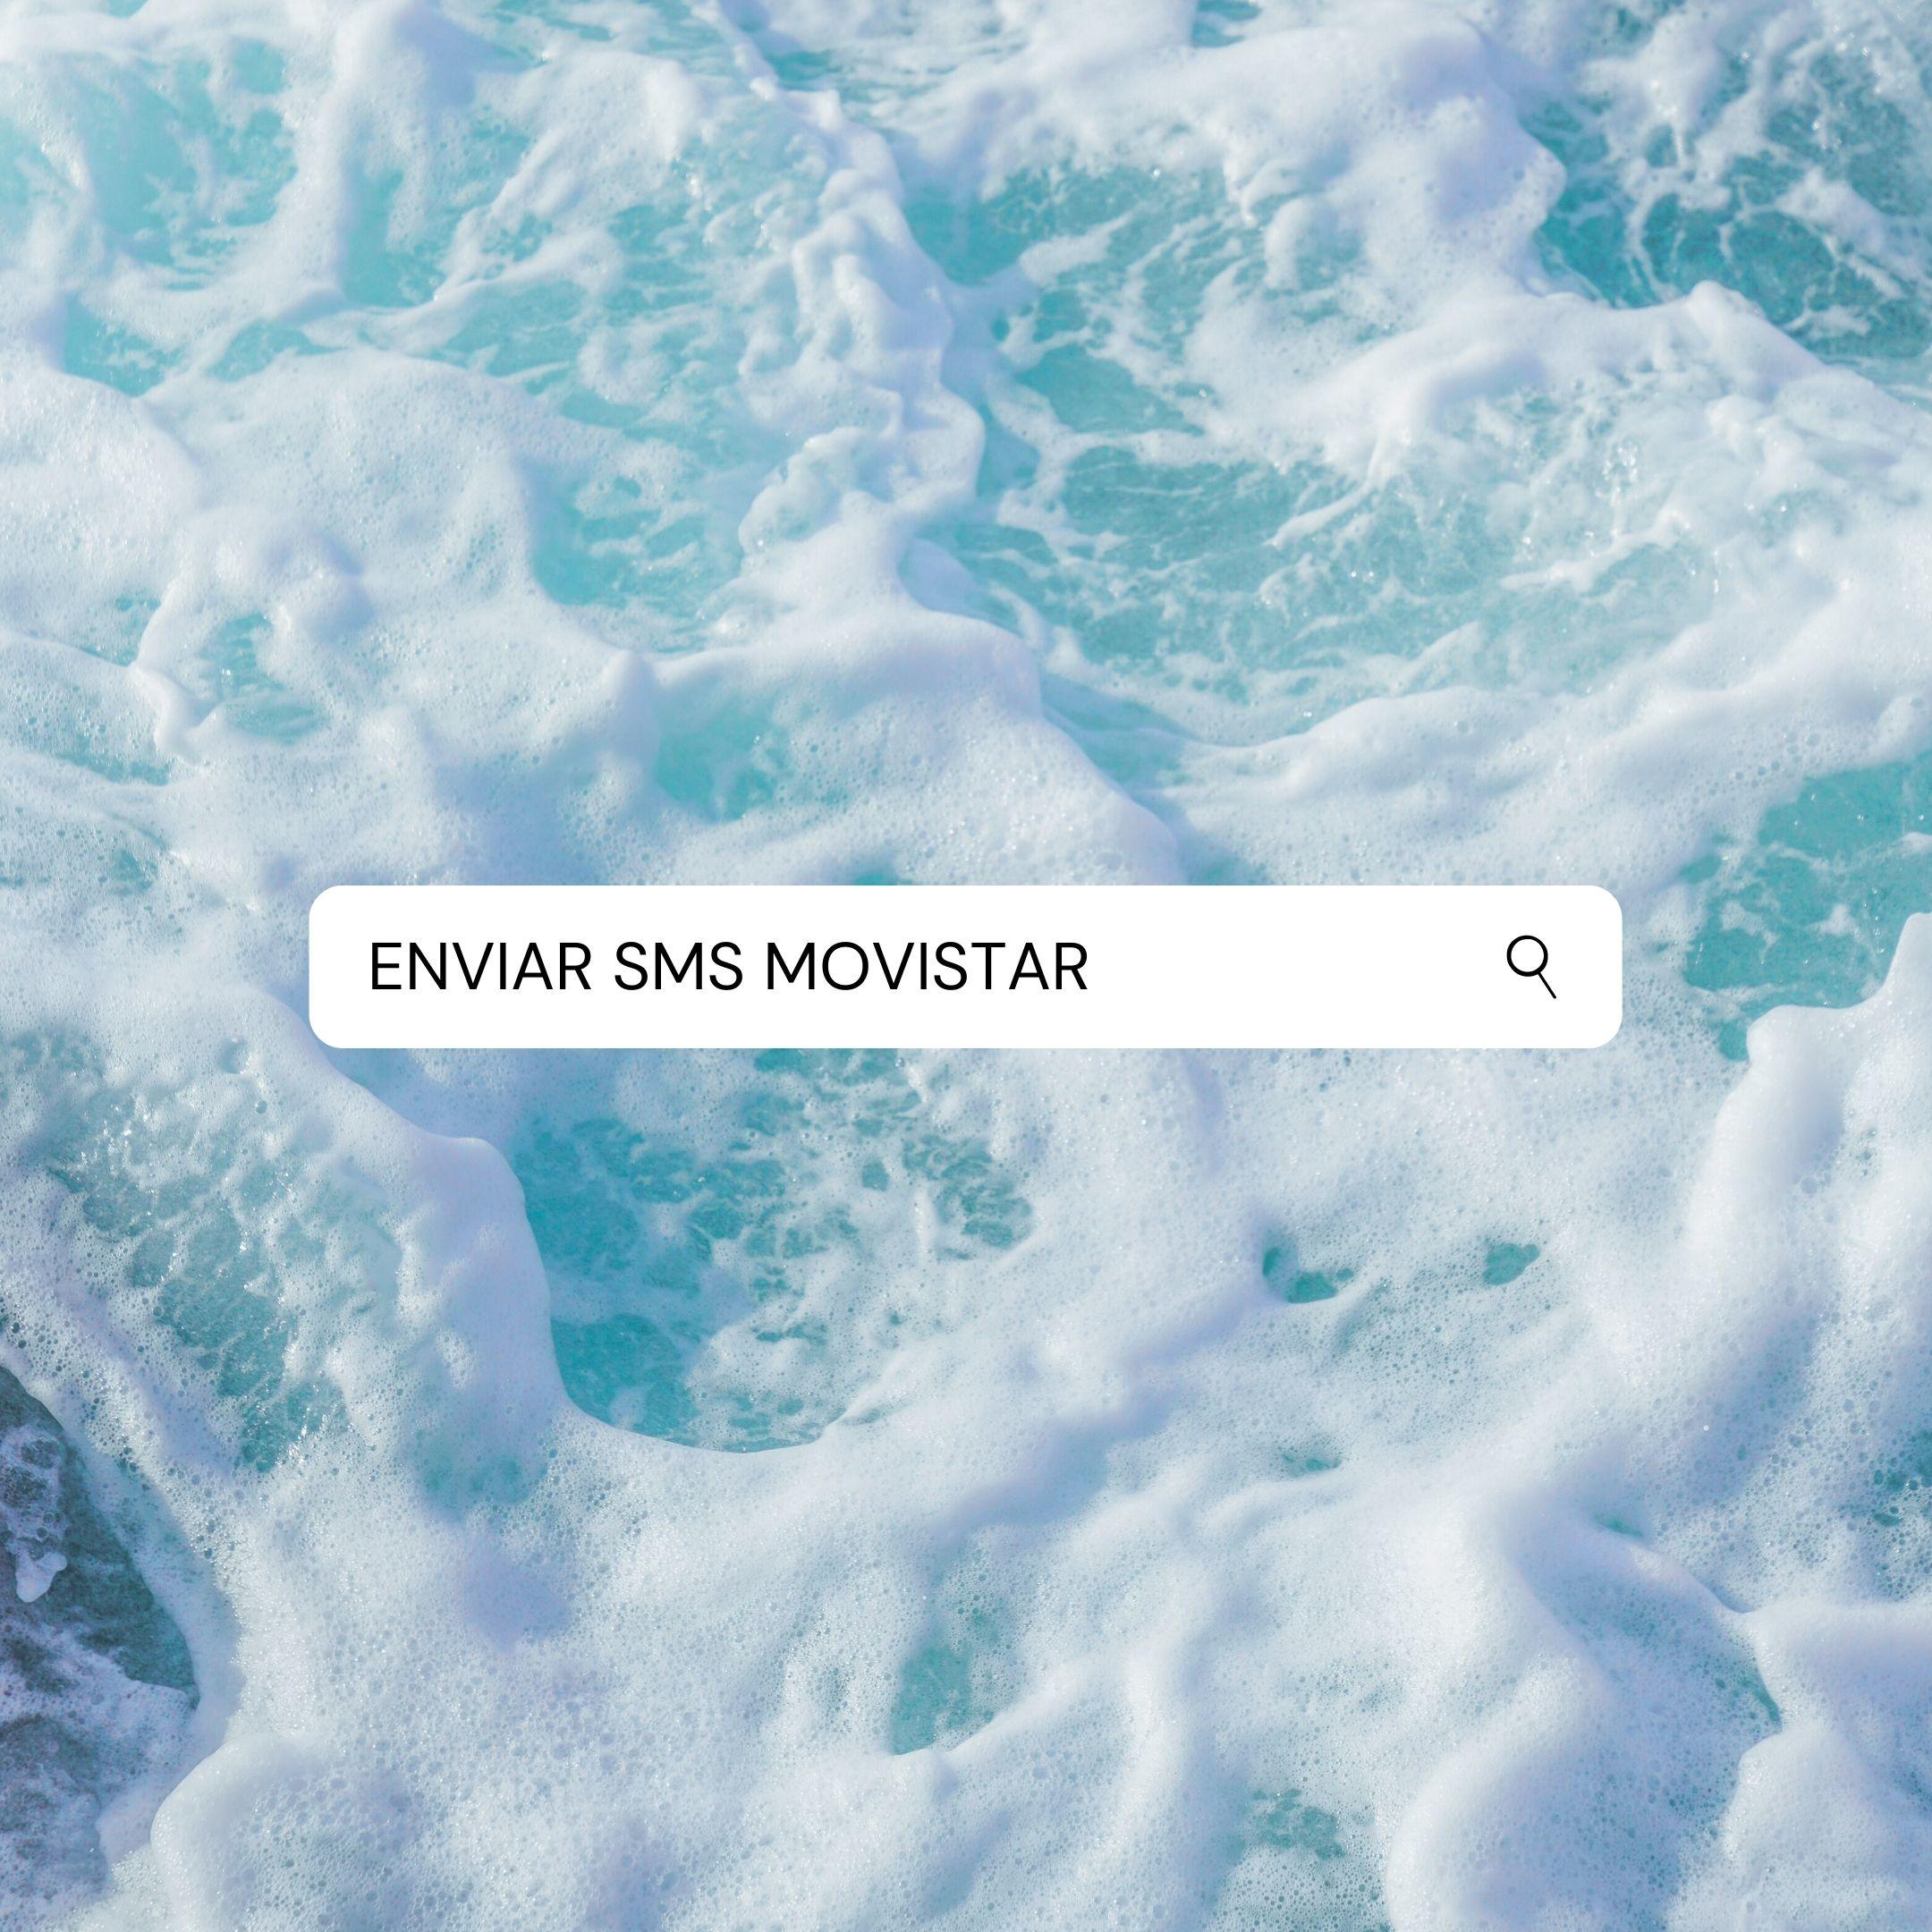 Envia SMS Movistar